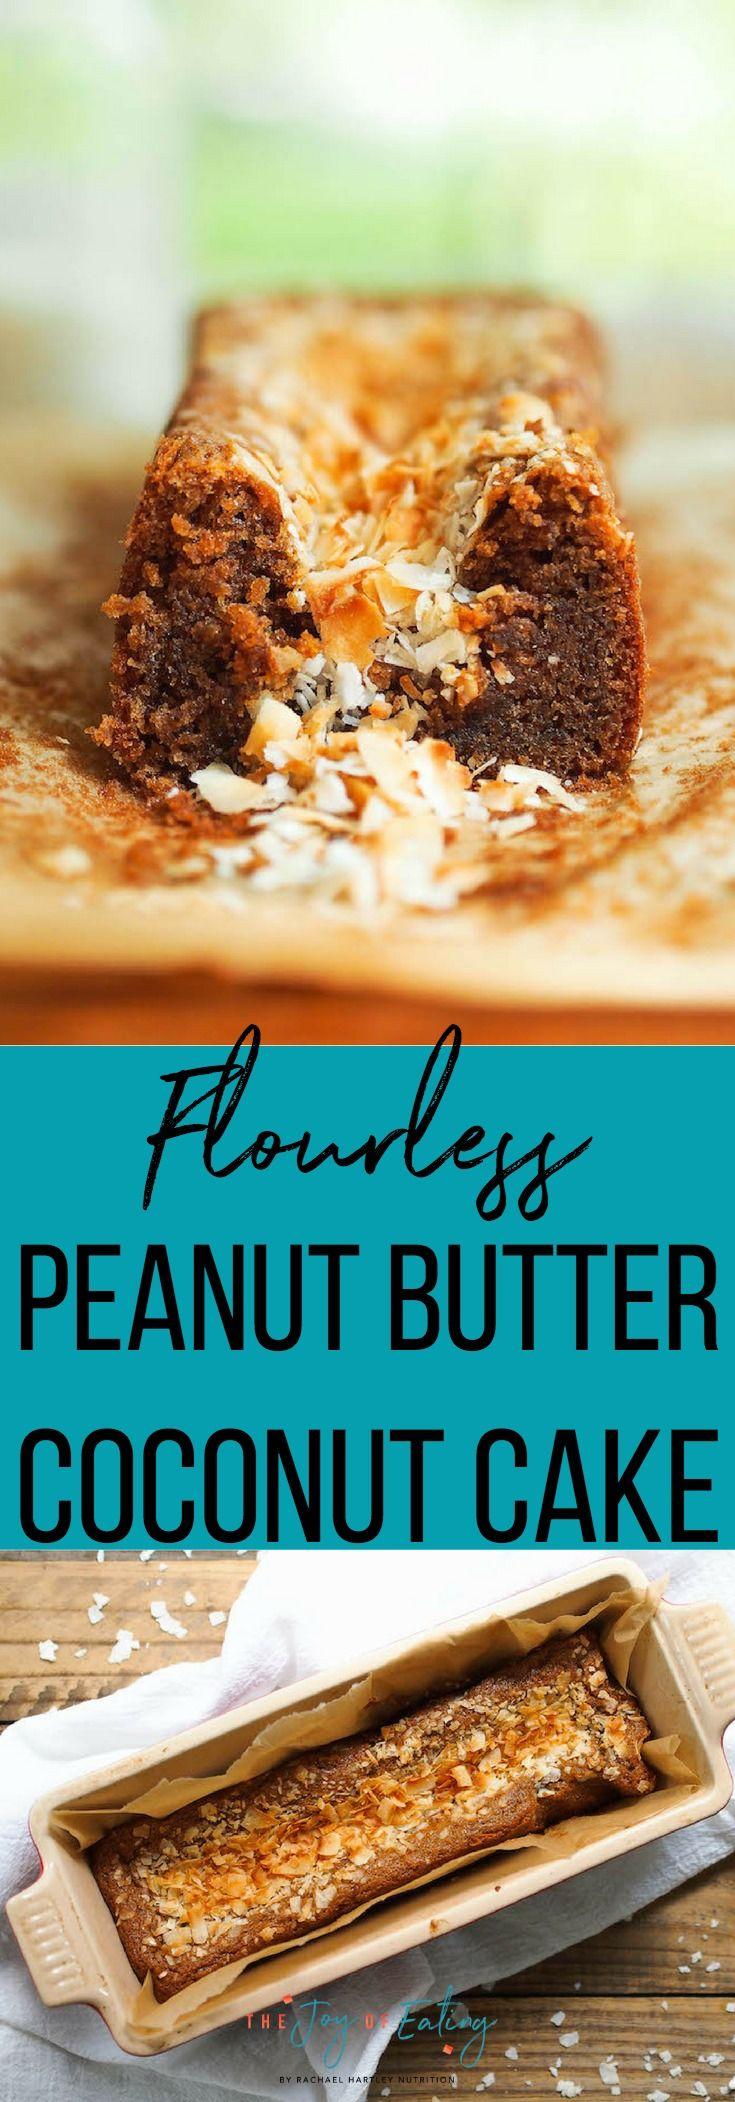 50 best Cake images on Pinterest | Desert recipes, Baking desserts ...